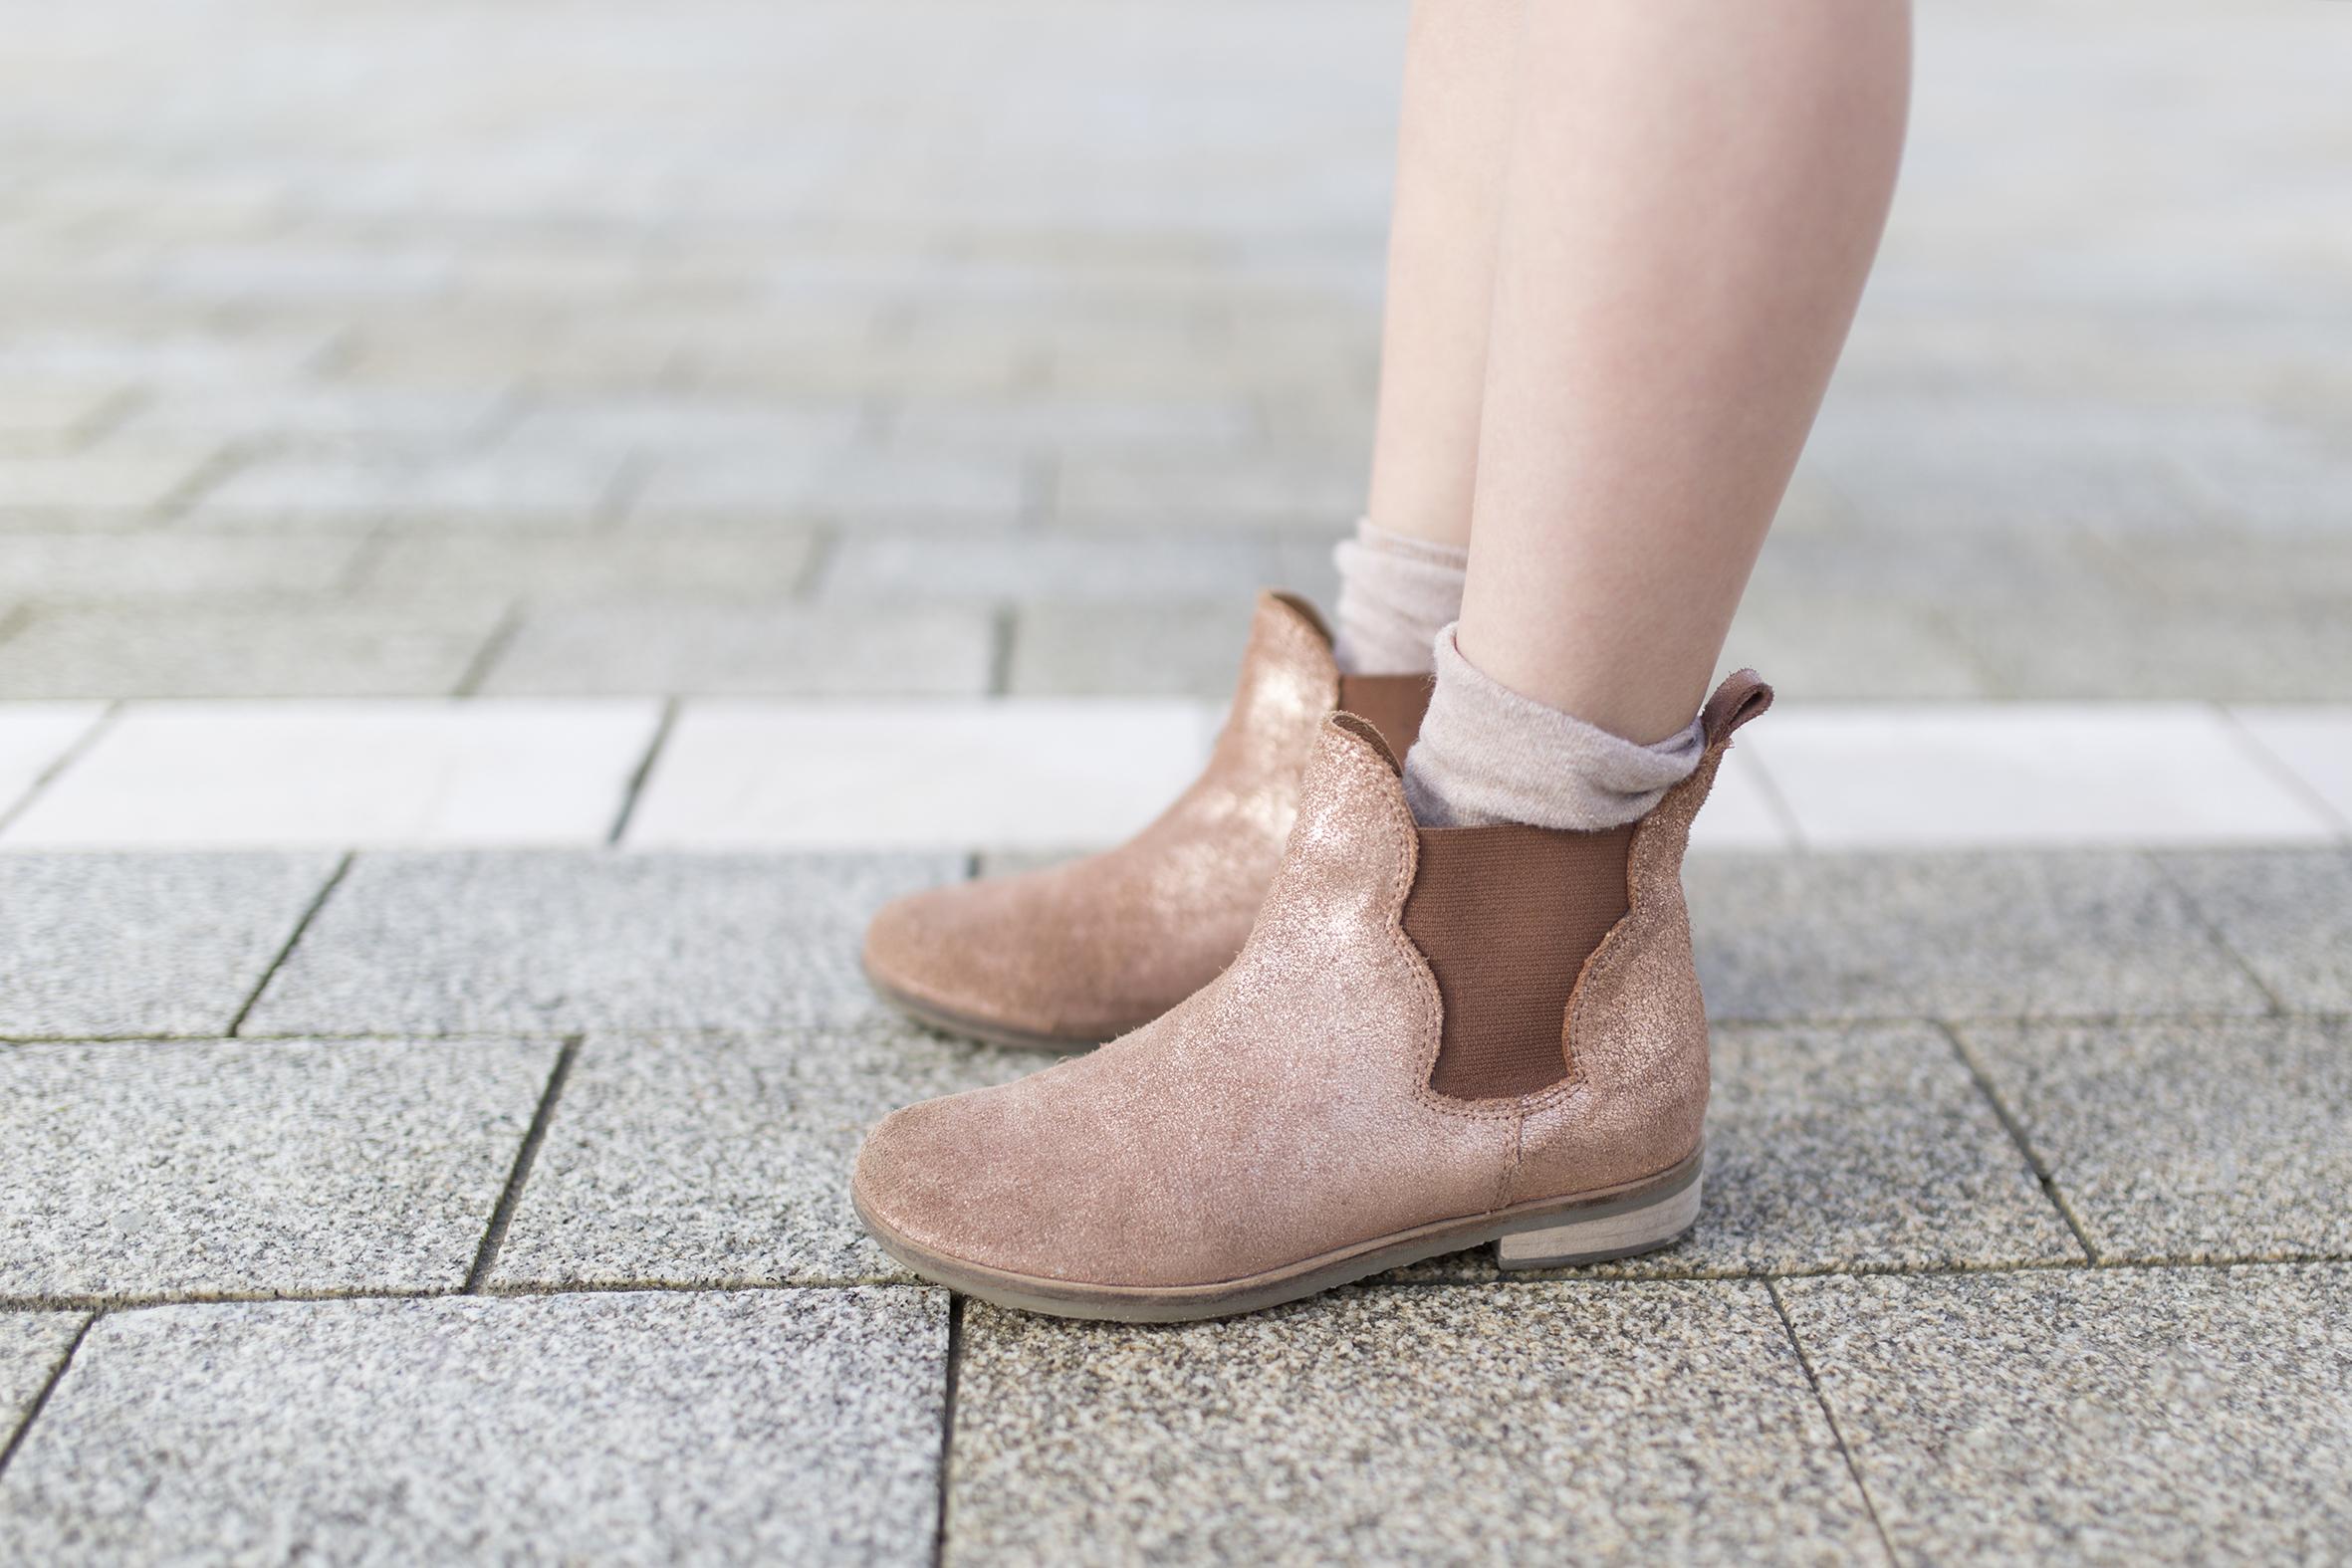 estilo-calle-coruña-niños-jimena-zara kids-boots-My partner-fashion-moda-street style-descalzaporelparque-blogger